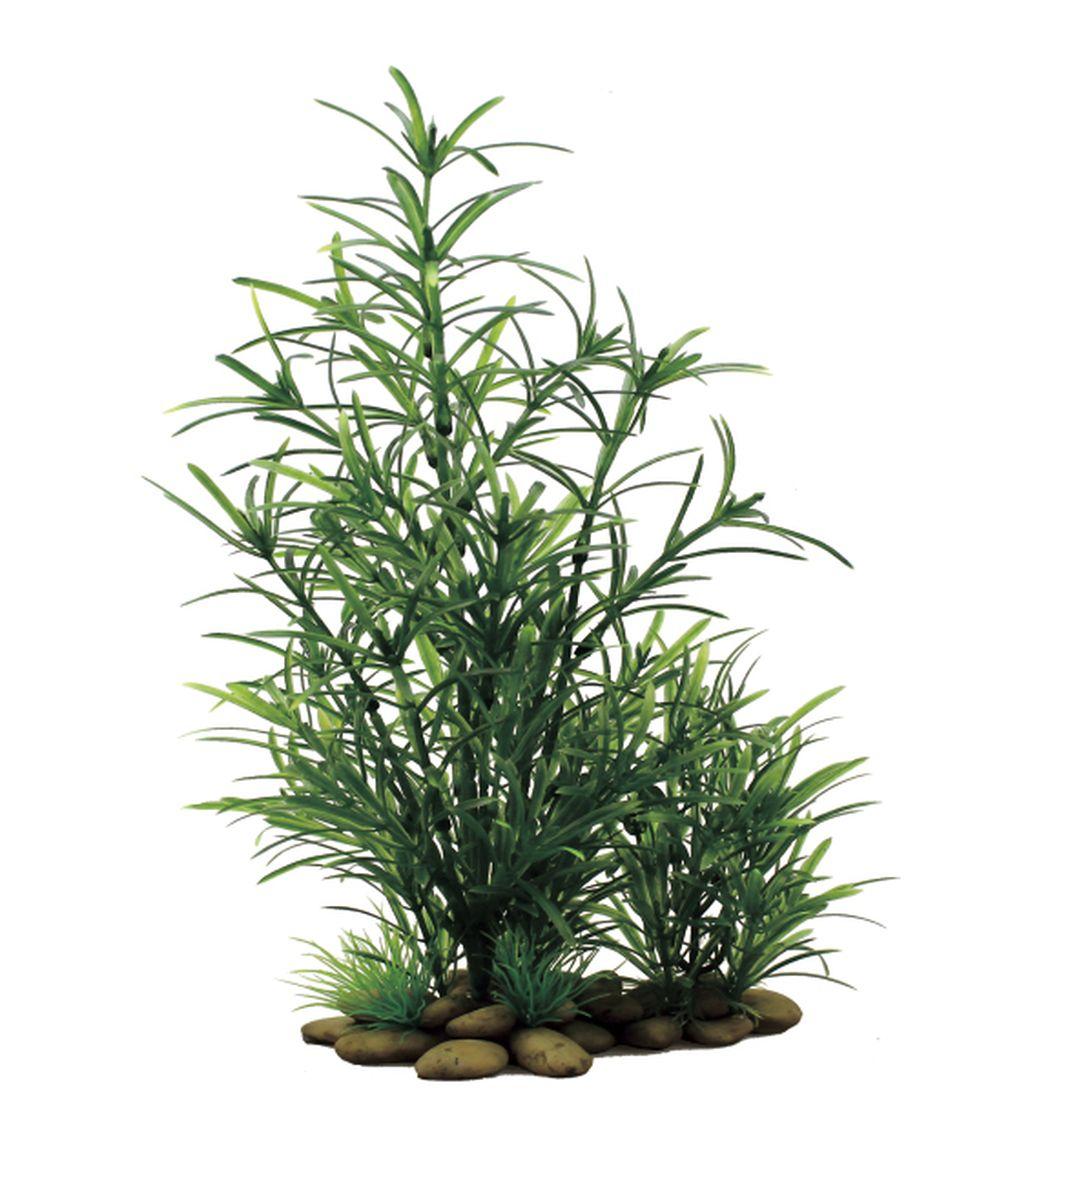 Растение для аквариума ArtUniq Наяда, высота 30 см0120710Композиция из искусственных растений ArtUniq превосходно украсит и оживит аквариум.Растения - это важная часть любой композиции, они помогут вдохнуть жизнь в ландшафт любого аквариума или террариума. А их сходствос природными порадует даже самых взыскательных ценителей.